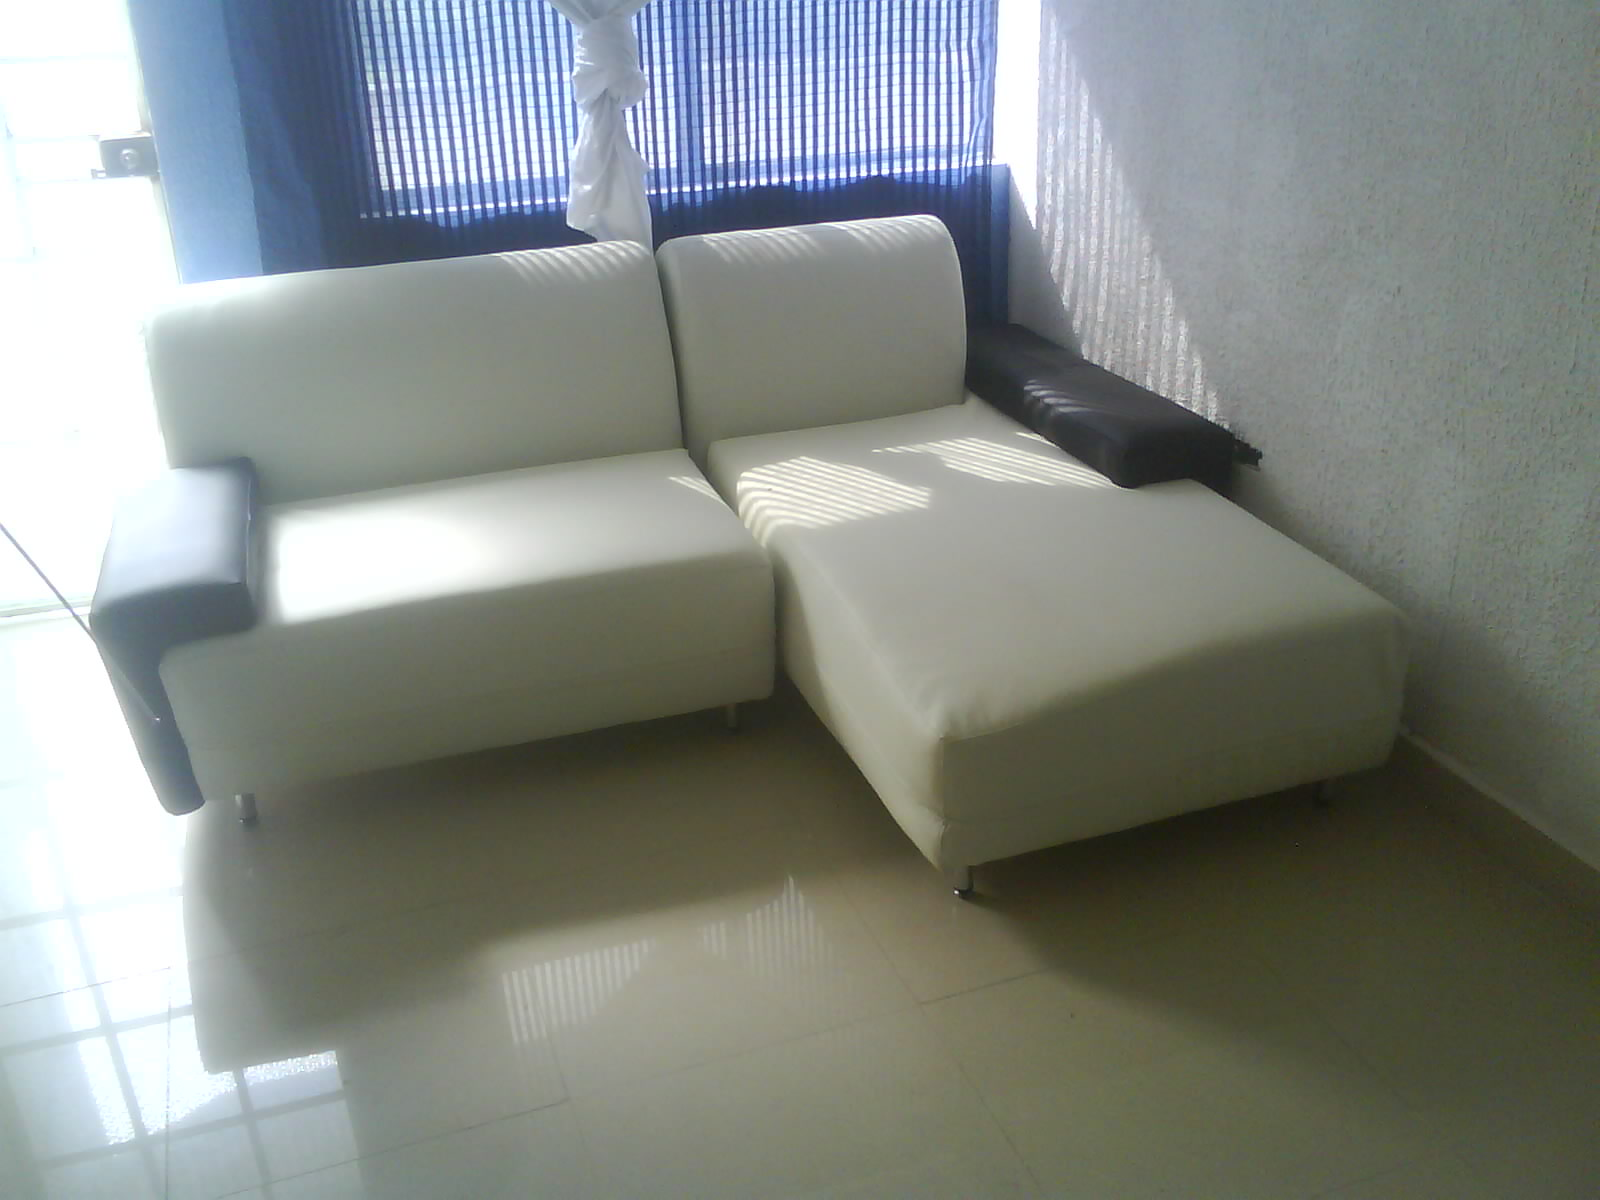 Muebles y decoraci n muebles para el hogar - Muebles el pozo ...